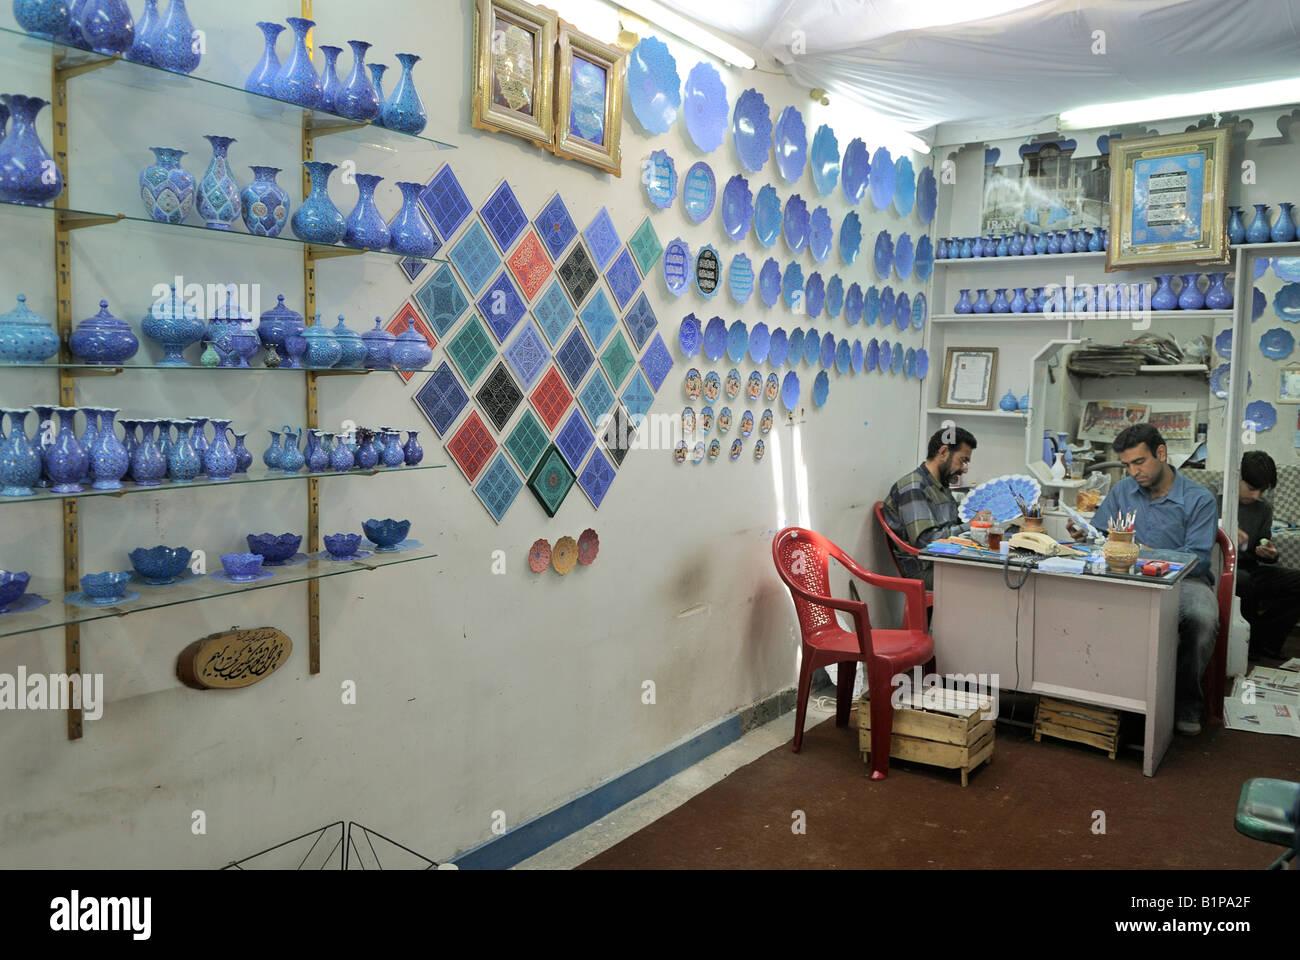 La pittura tradizionale di piatti e vasi all'interno di un negozio Esfahan Iran Immagini Stock